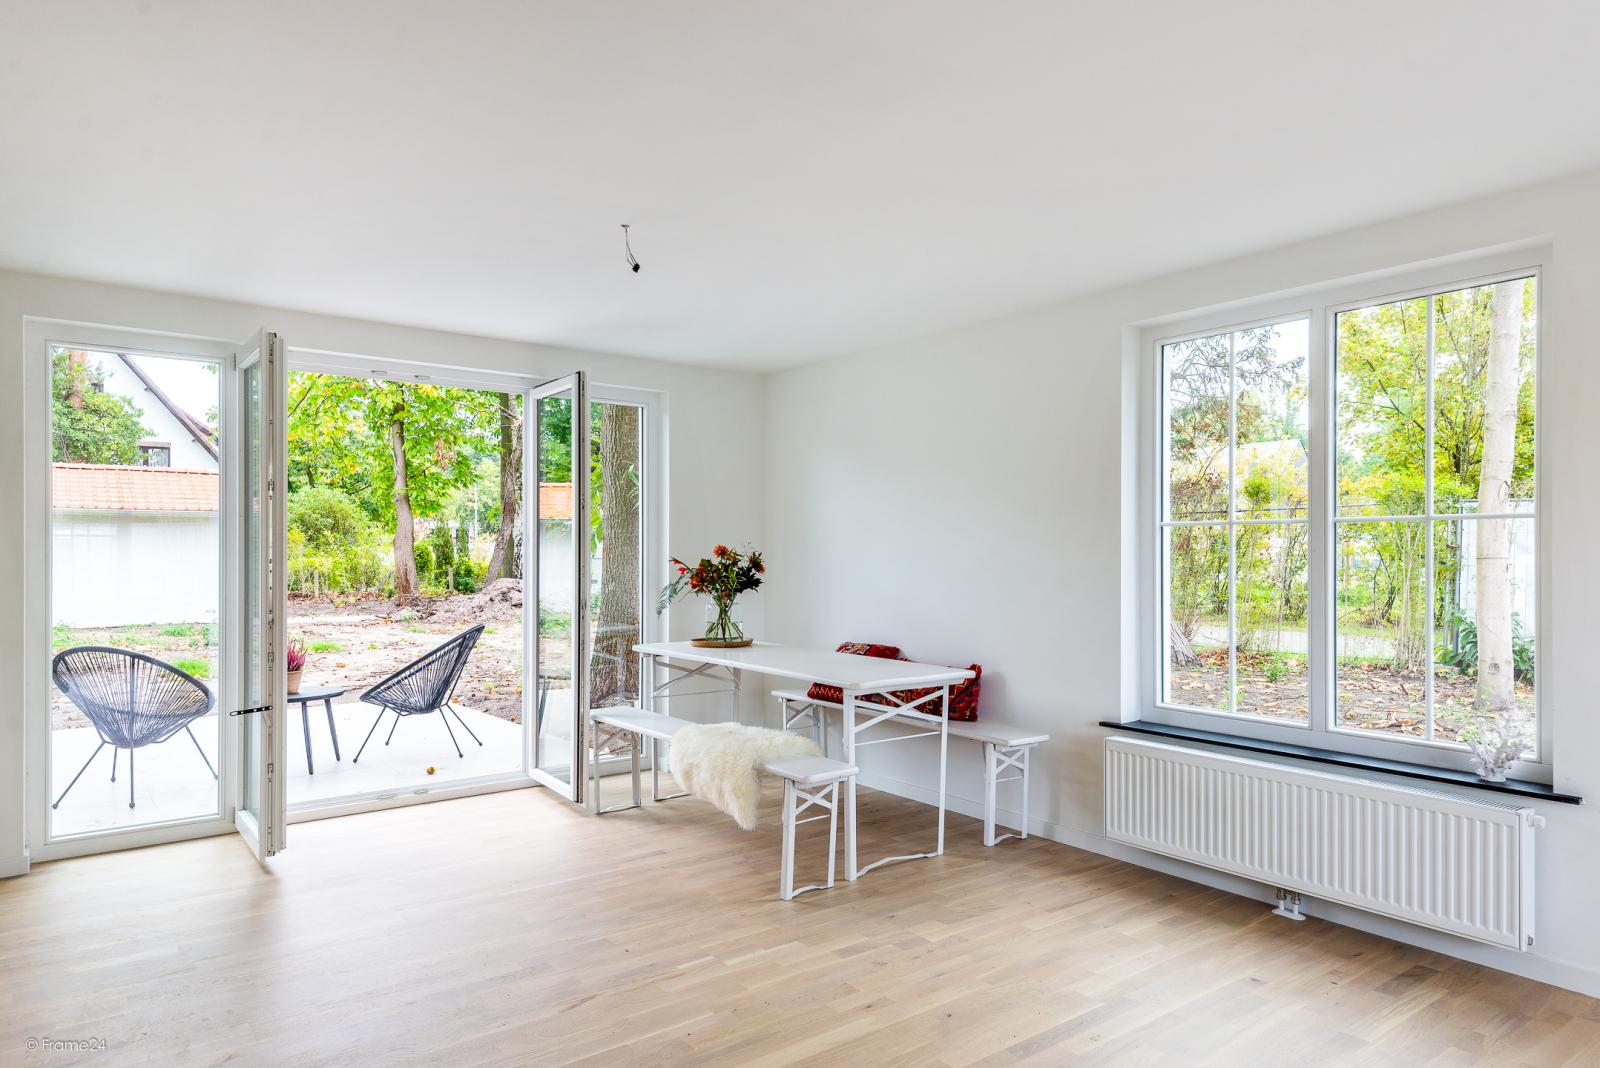 Volledig vernieuwde vrijstaande woning met drie slaapkamers op een hoekperceel van 776 m² te Schilde! afbeelding 4